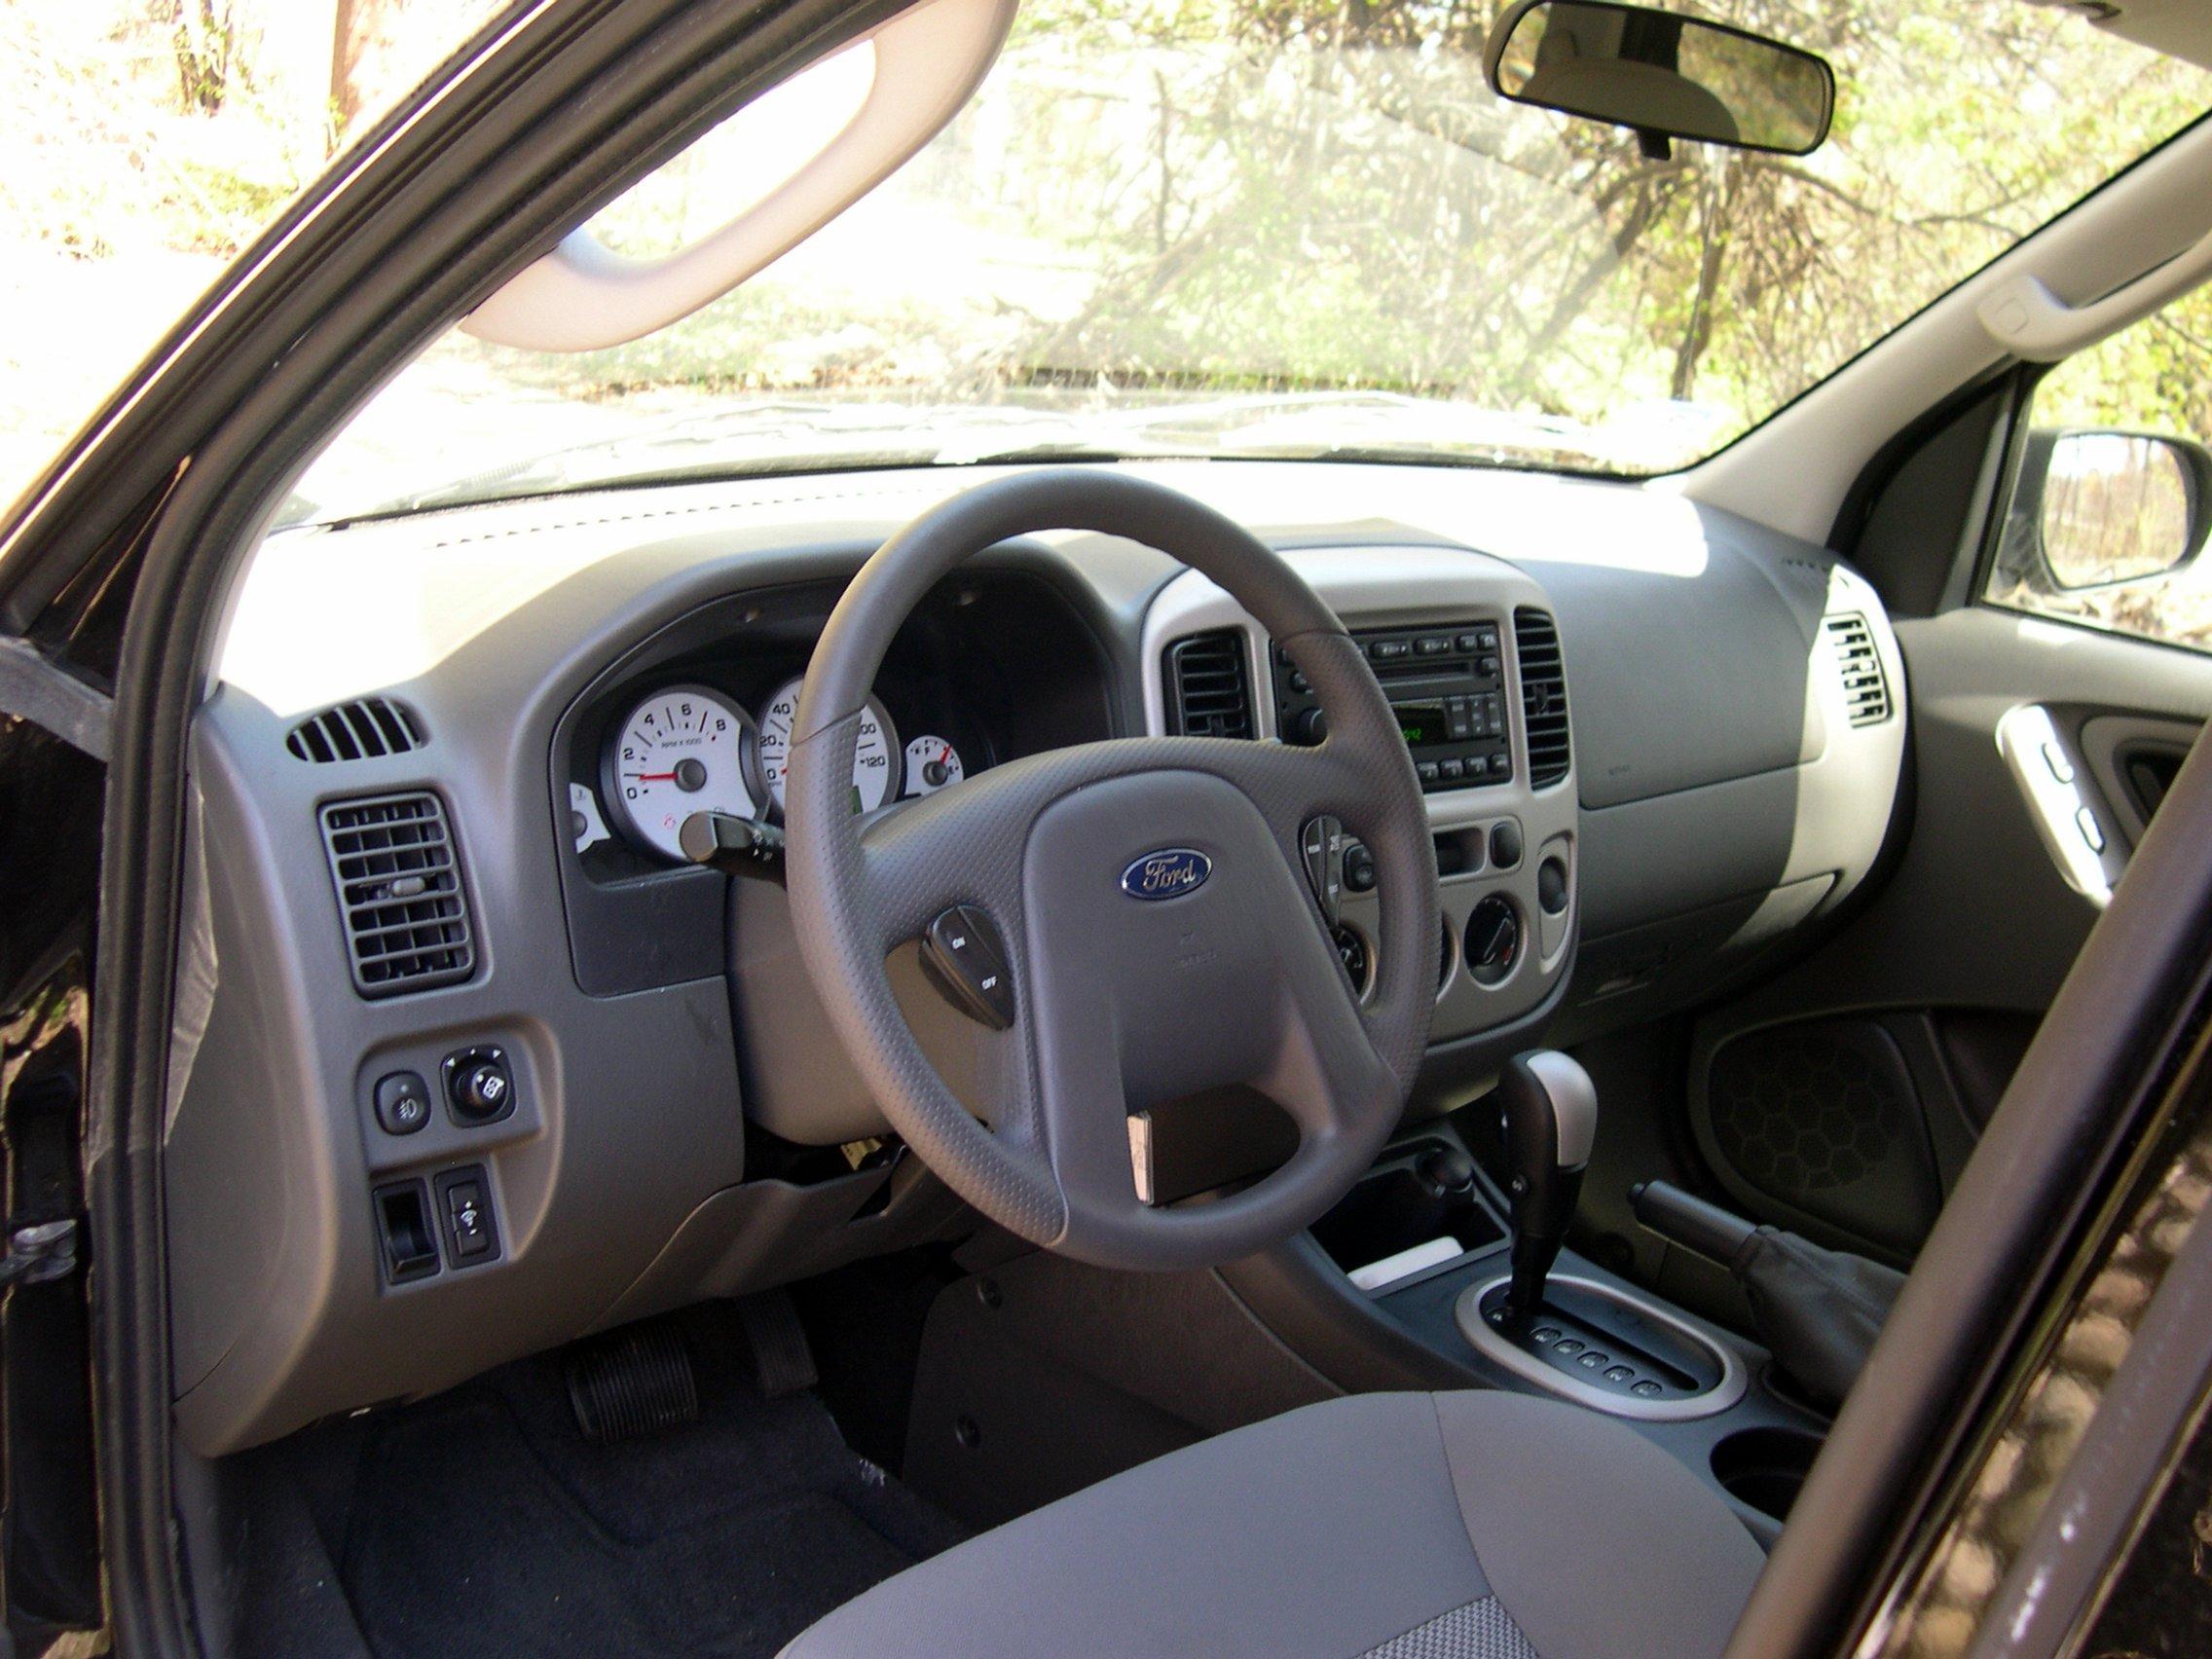 2006 ford escape partsopen - Ford escape interior accessories ...